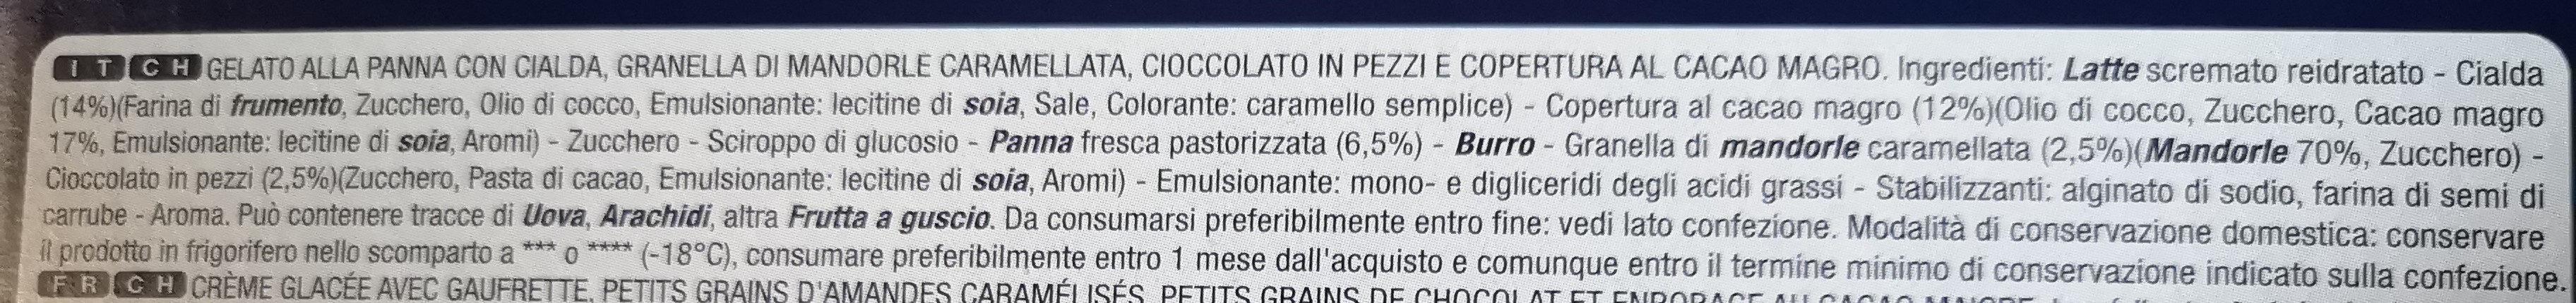 Coni gelato Cinque Stelle - Ingredients